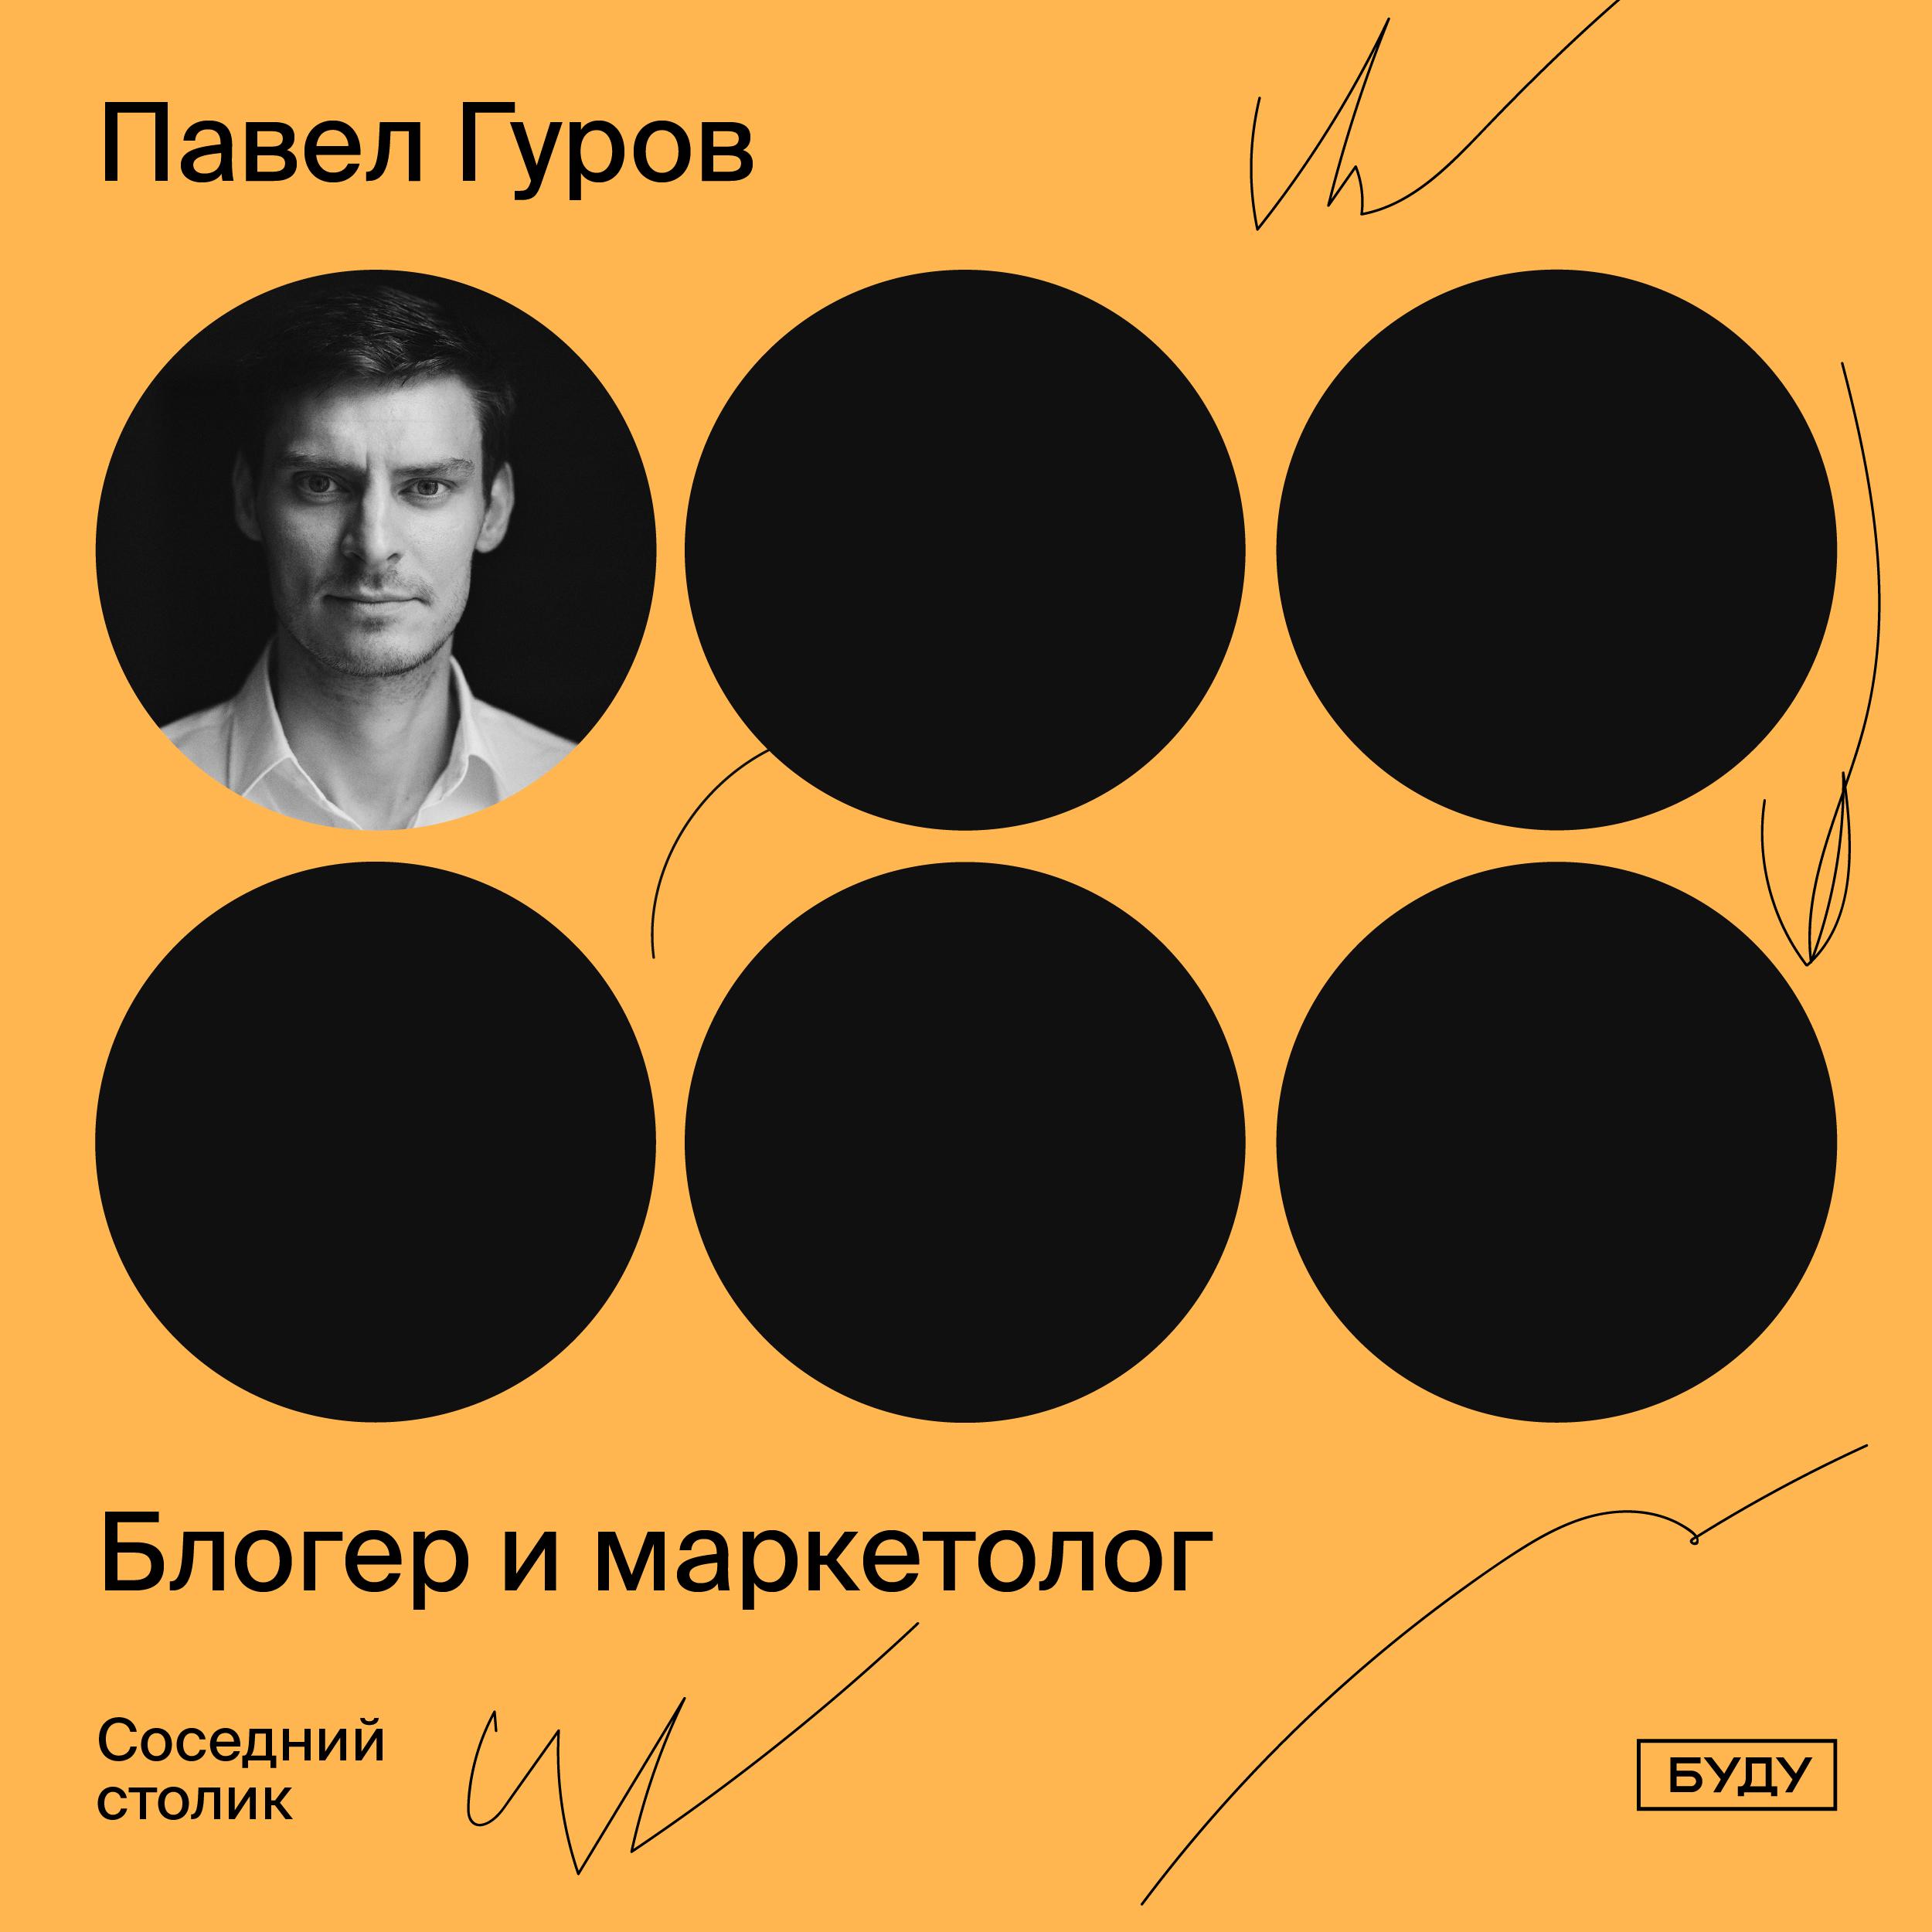 Павел Гуров: сексизм, закрытие агентства, презрение к ВКонтакте, digital-номадизм